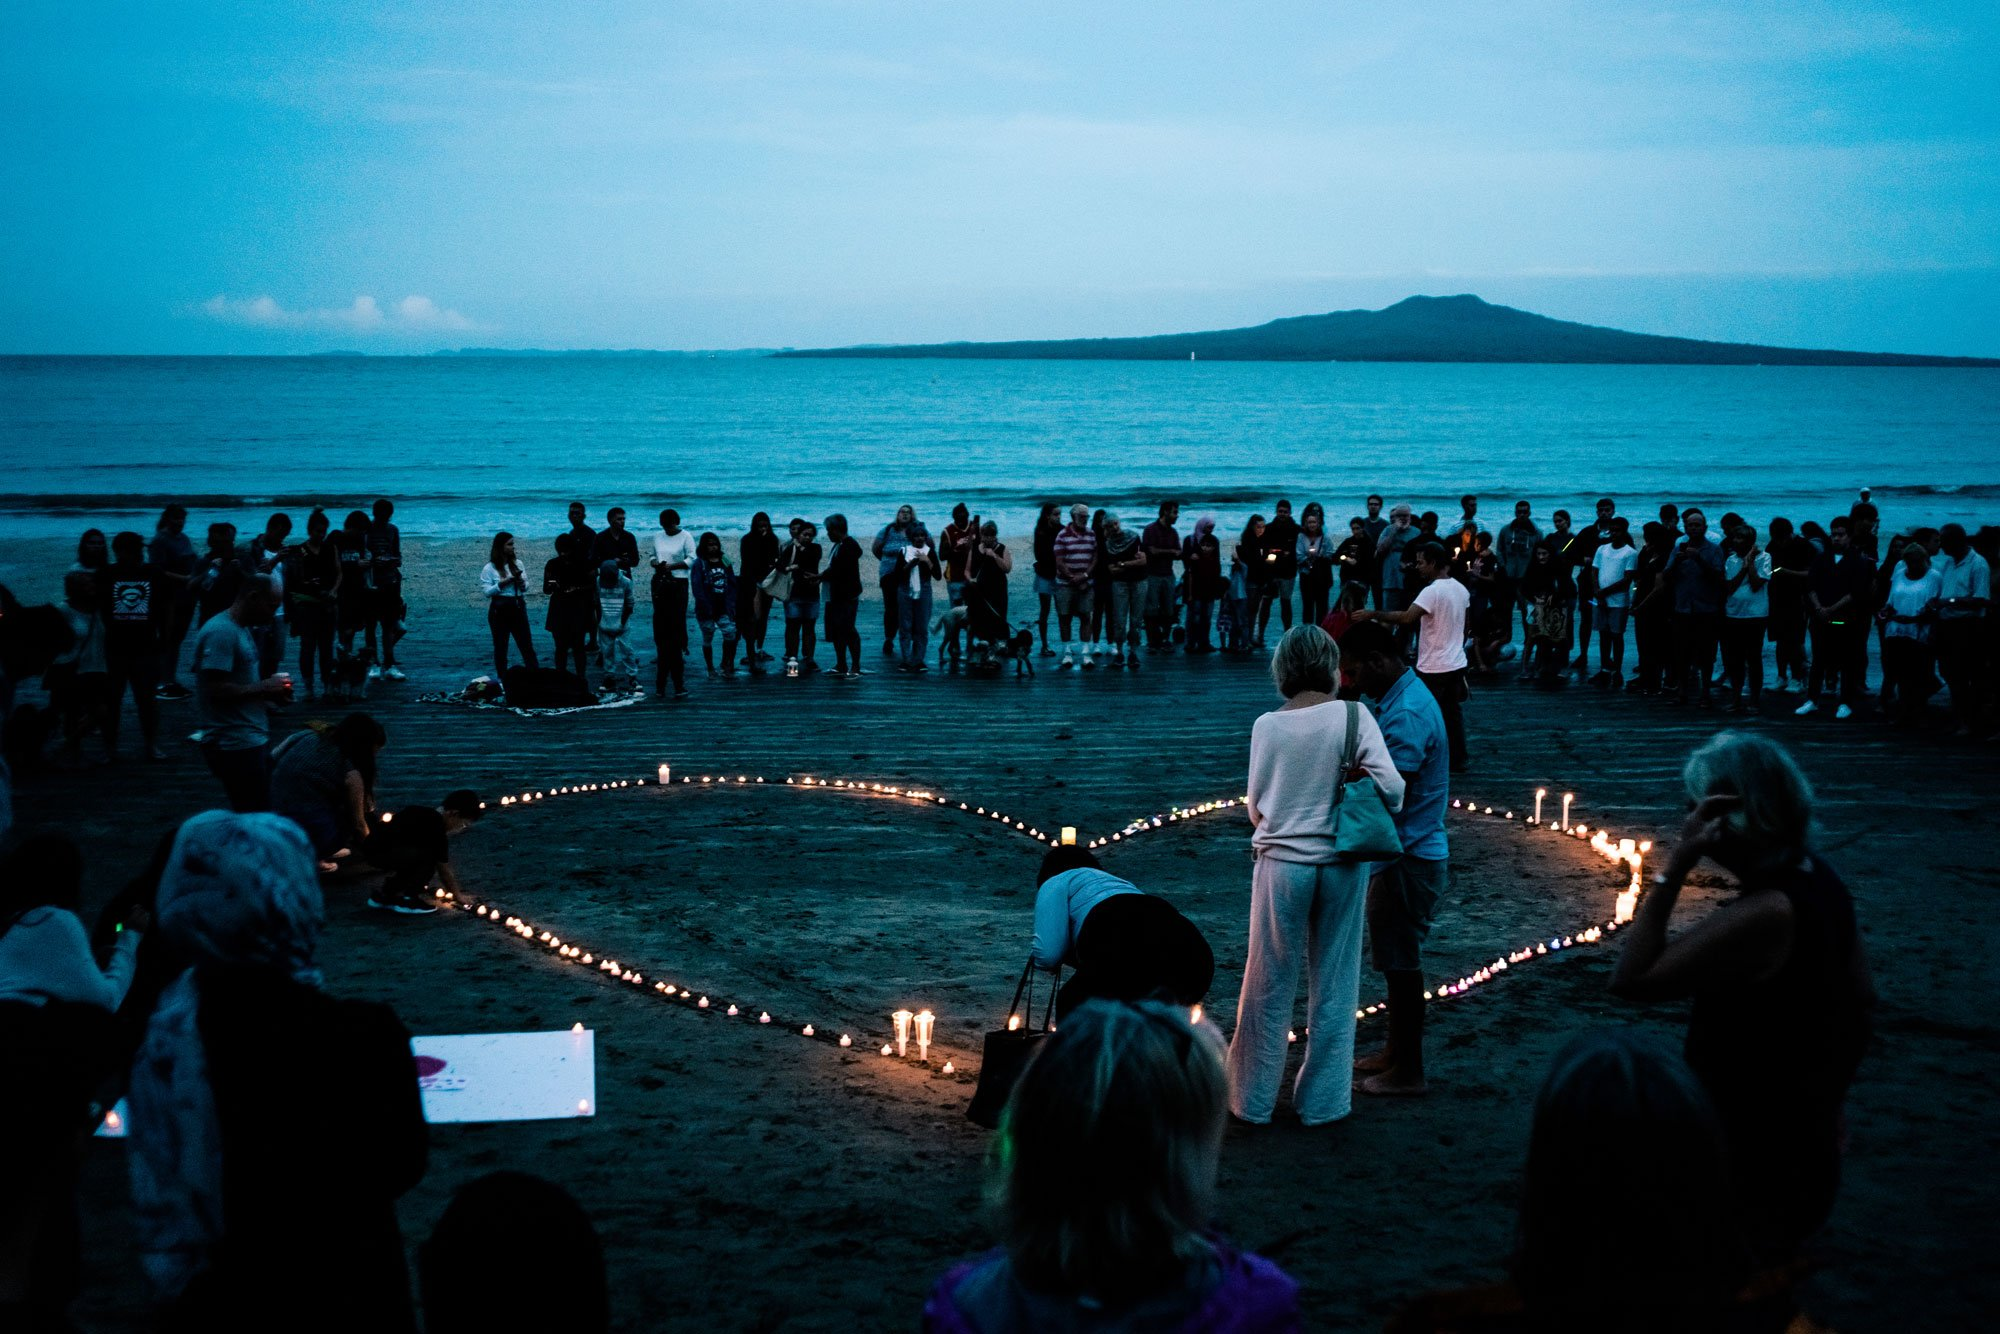 تجمع جماهيري عند ساحل تاكابونا في نيوزيلندا لاستذكار ضحايا الهجمات التي استهدفت مساجد في كرايستشيرش